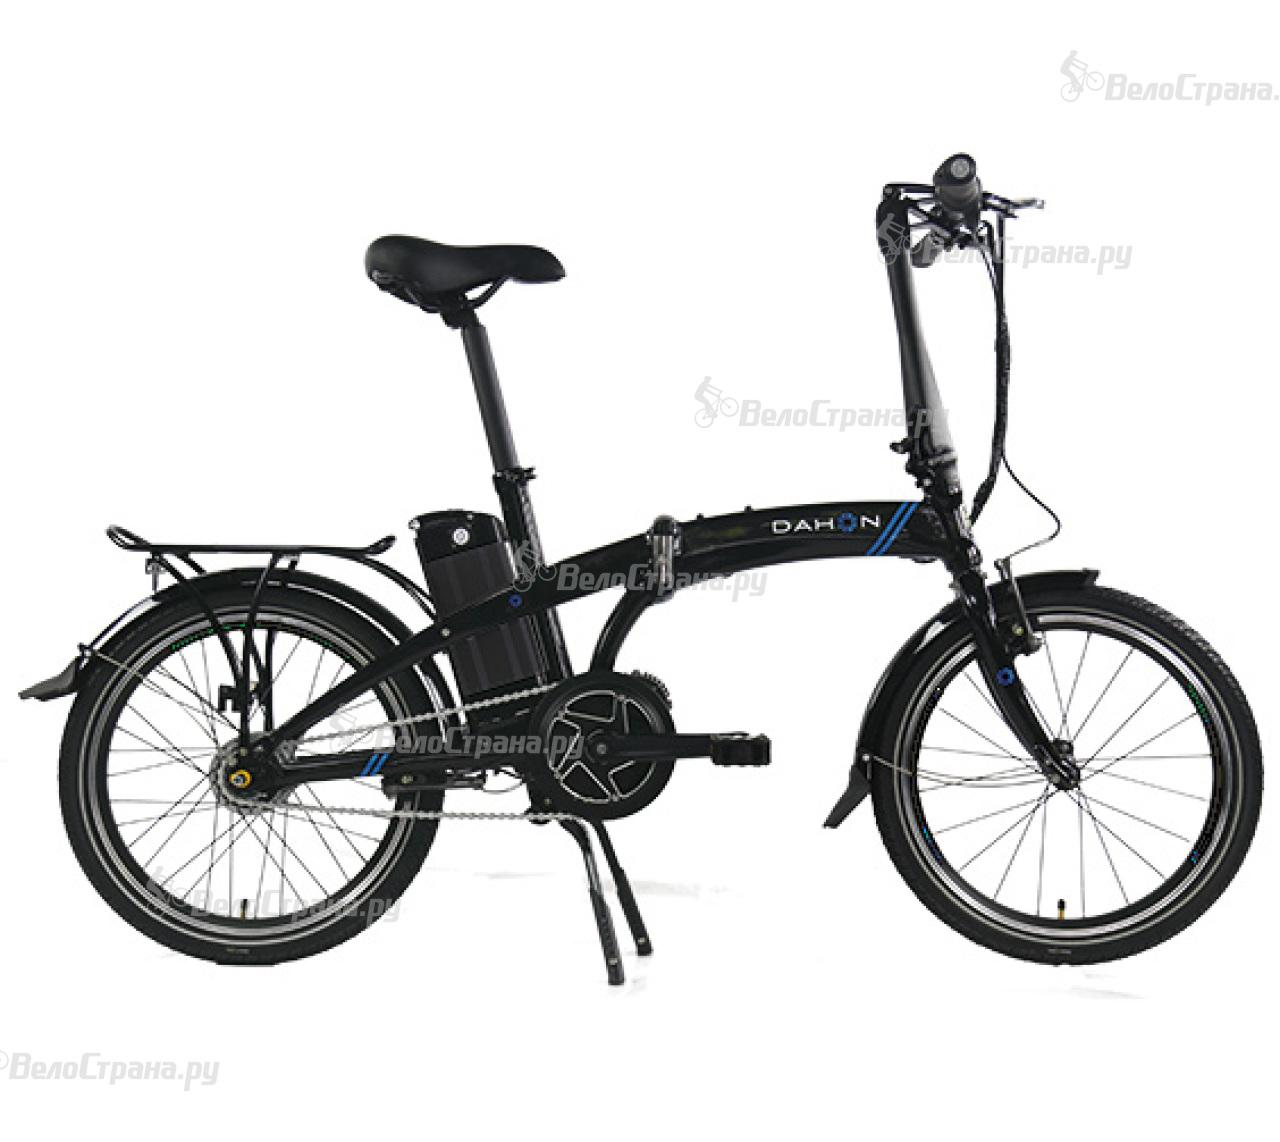 Велосипед Dahon E-Vigor i7 (2017) велосипед dahon ciao d7 2015